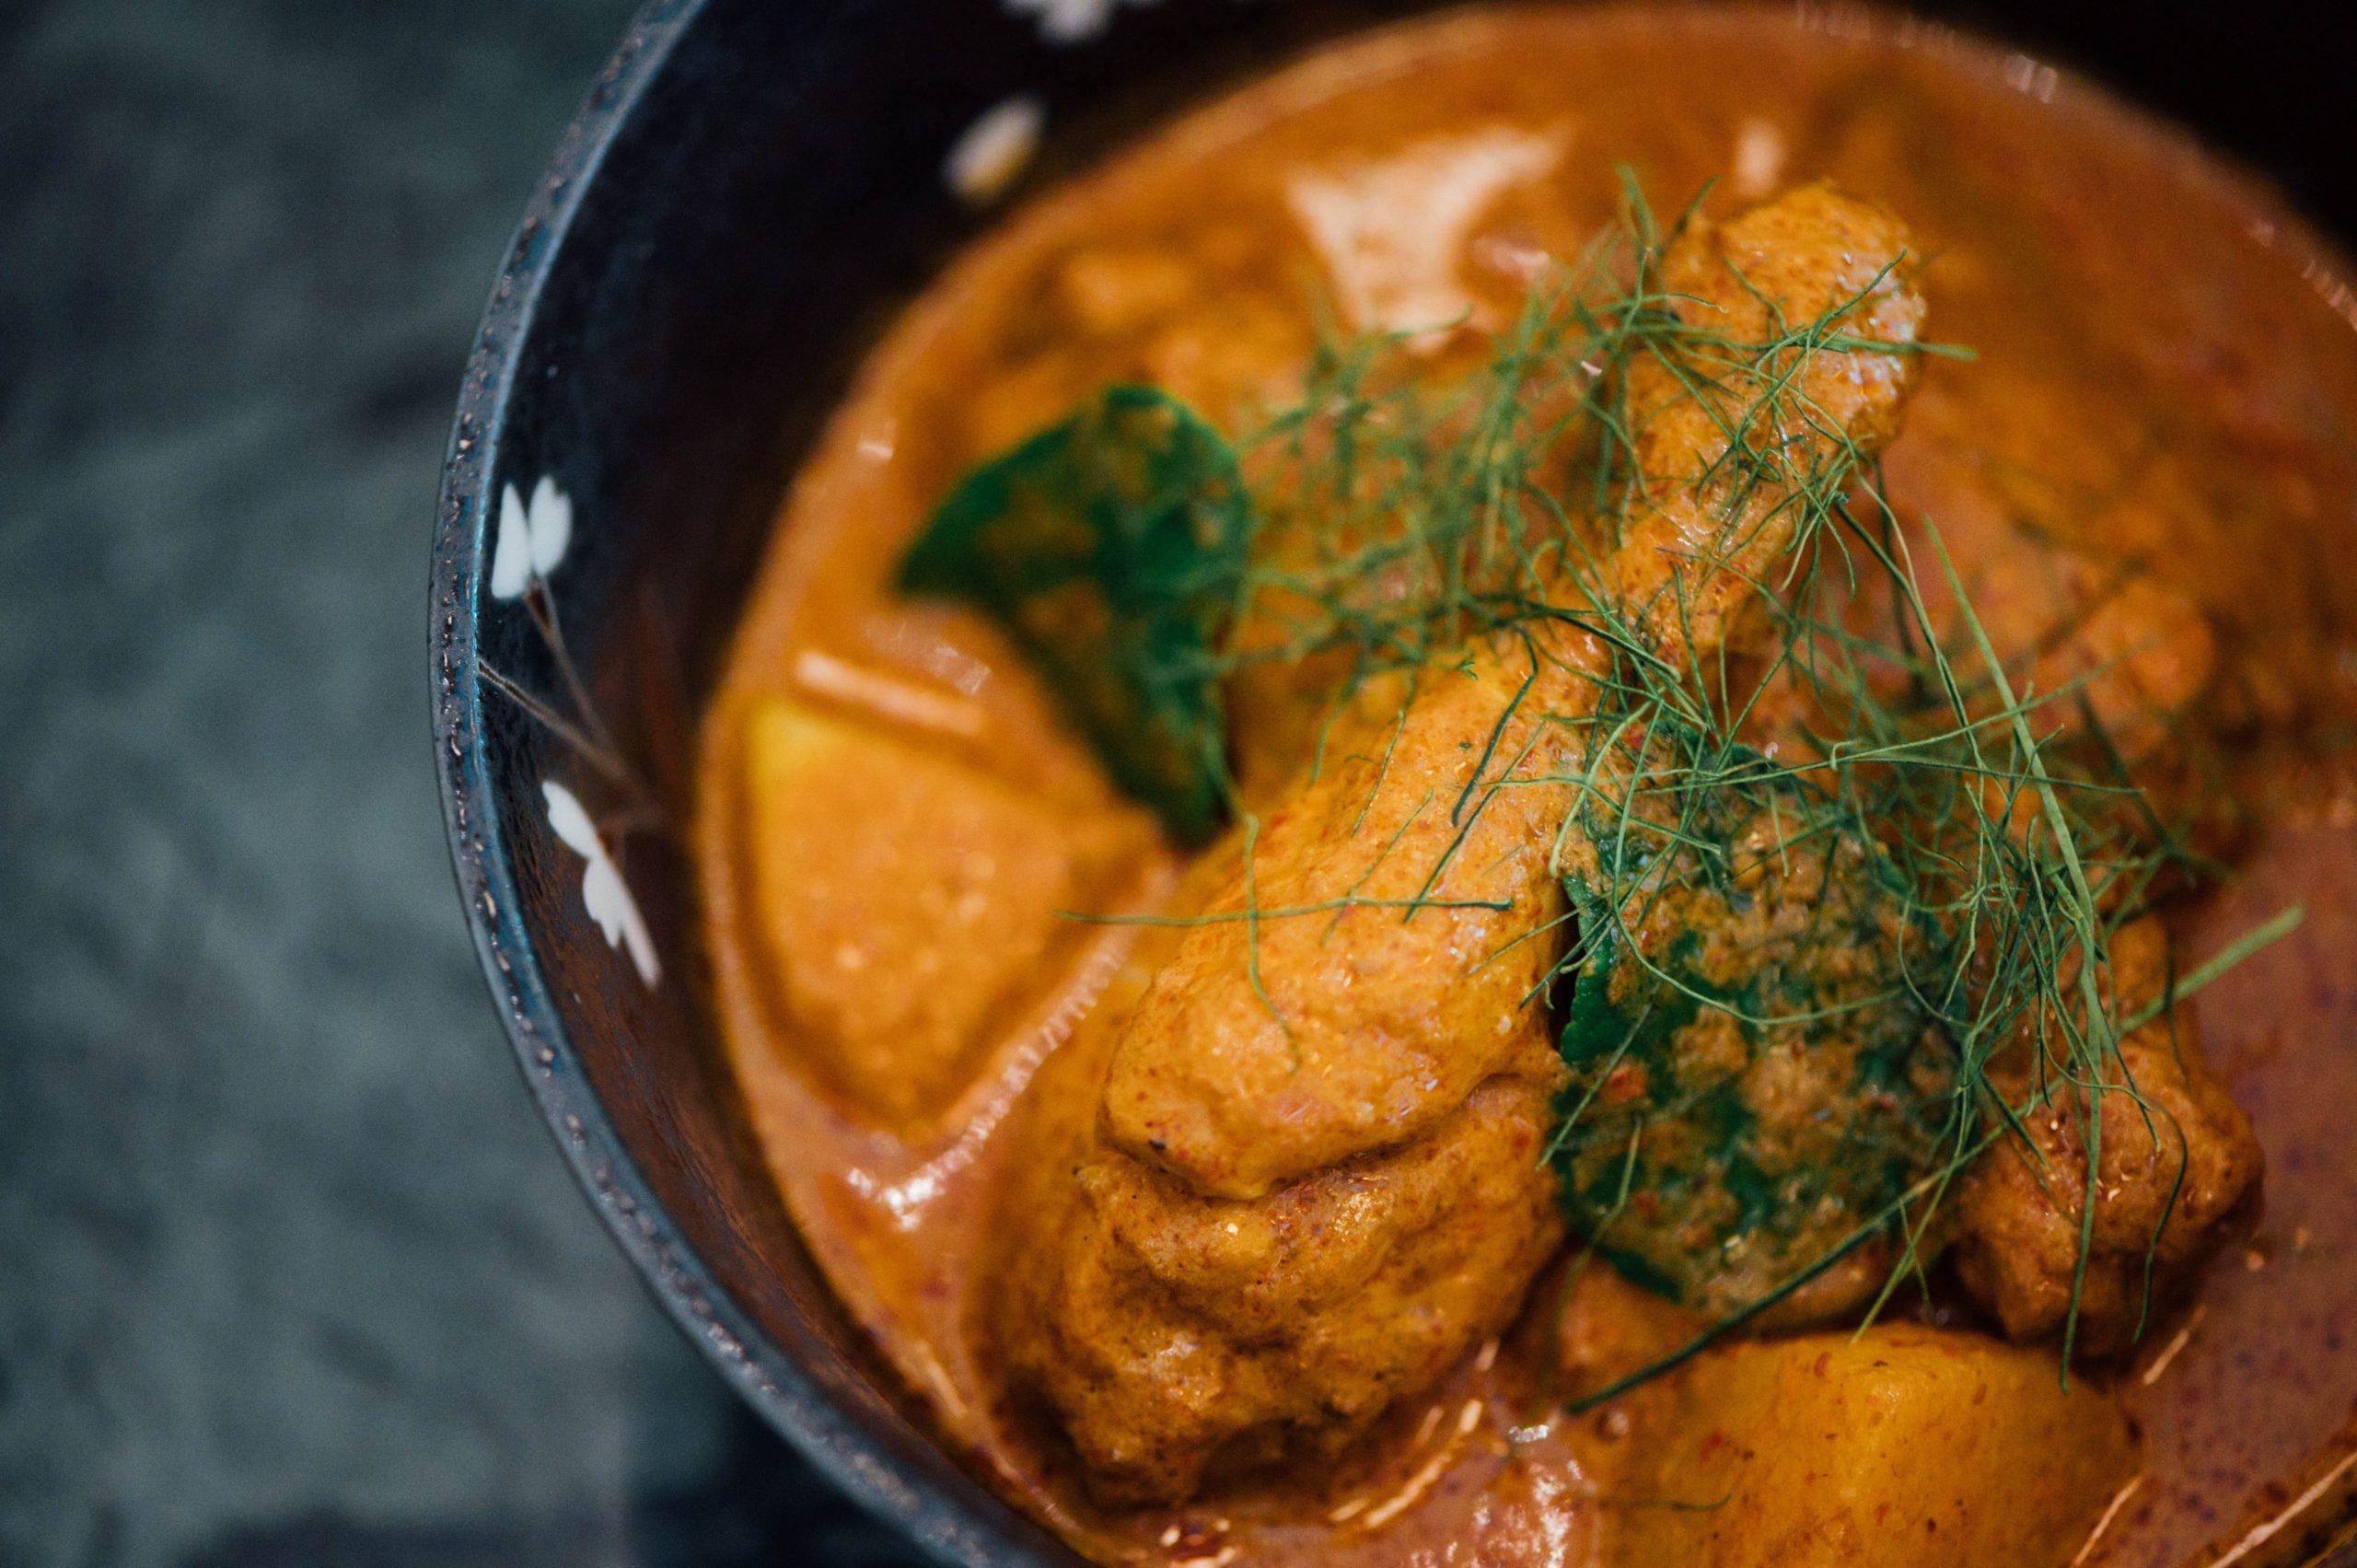 菅義偉|スープカレーダイエットの方法とレシピ!成功の秘訣も